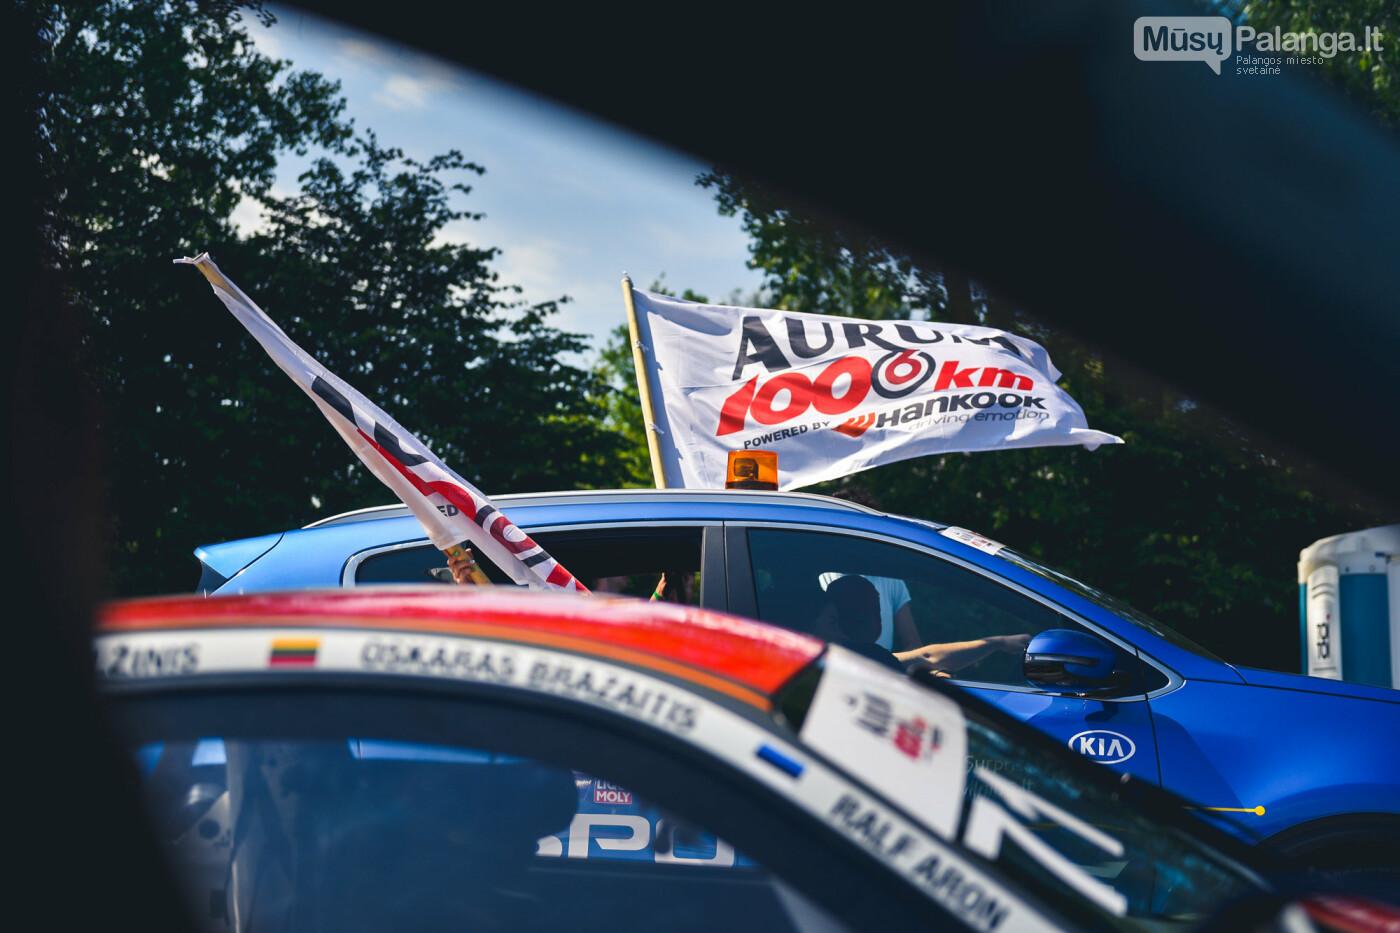 """Palanga alsuoja """"Aurum 1006 km lenktynių"""" ritmu, nuotrauka-107, Vytauto PILKAUSKO ir Arno STRUMILOS nuotr."""